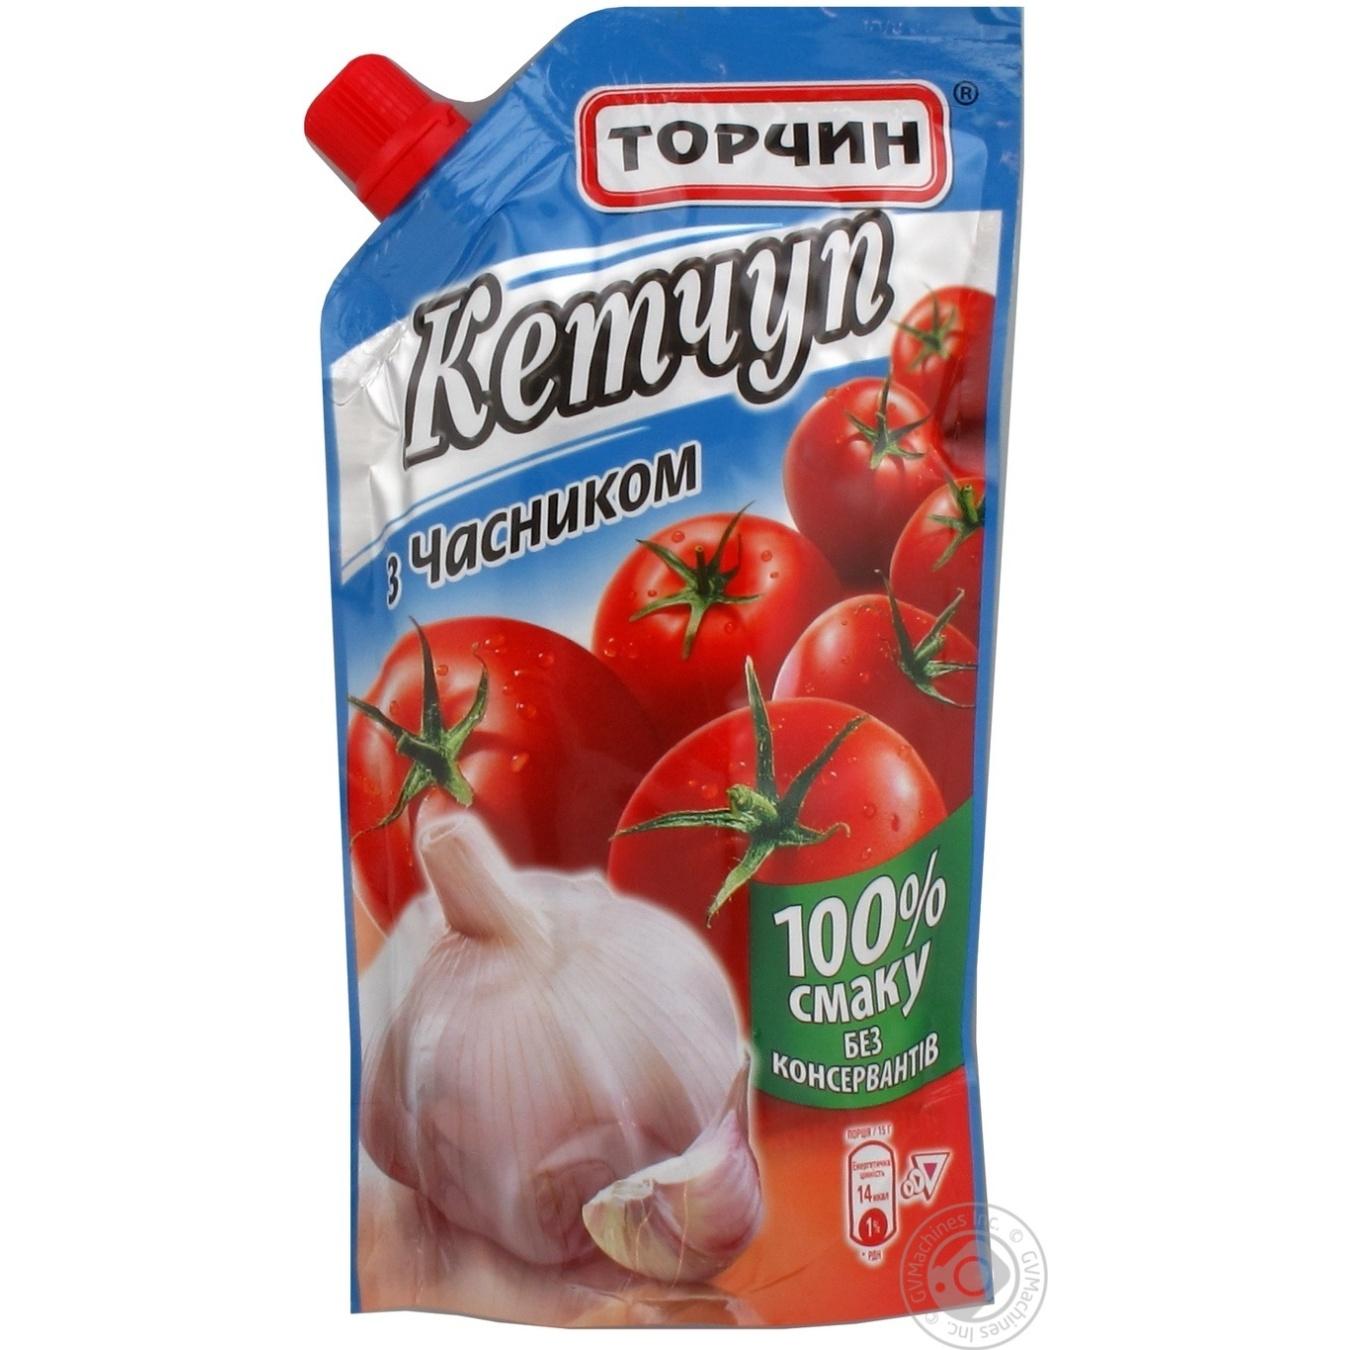 torchin garlic ketchup rarr canned food and seasonings rarr ketchup torchin garlic ketchup